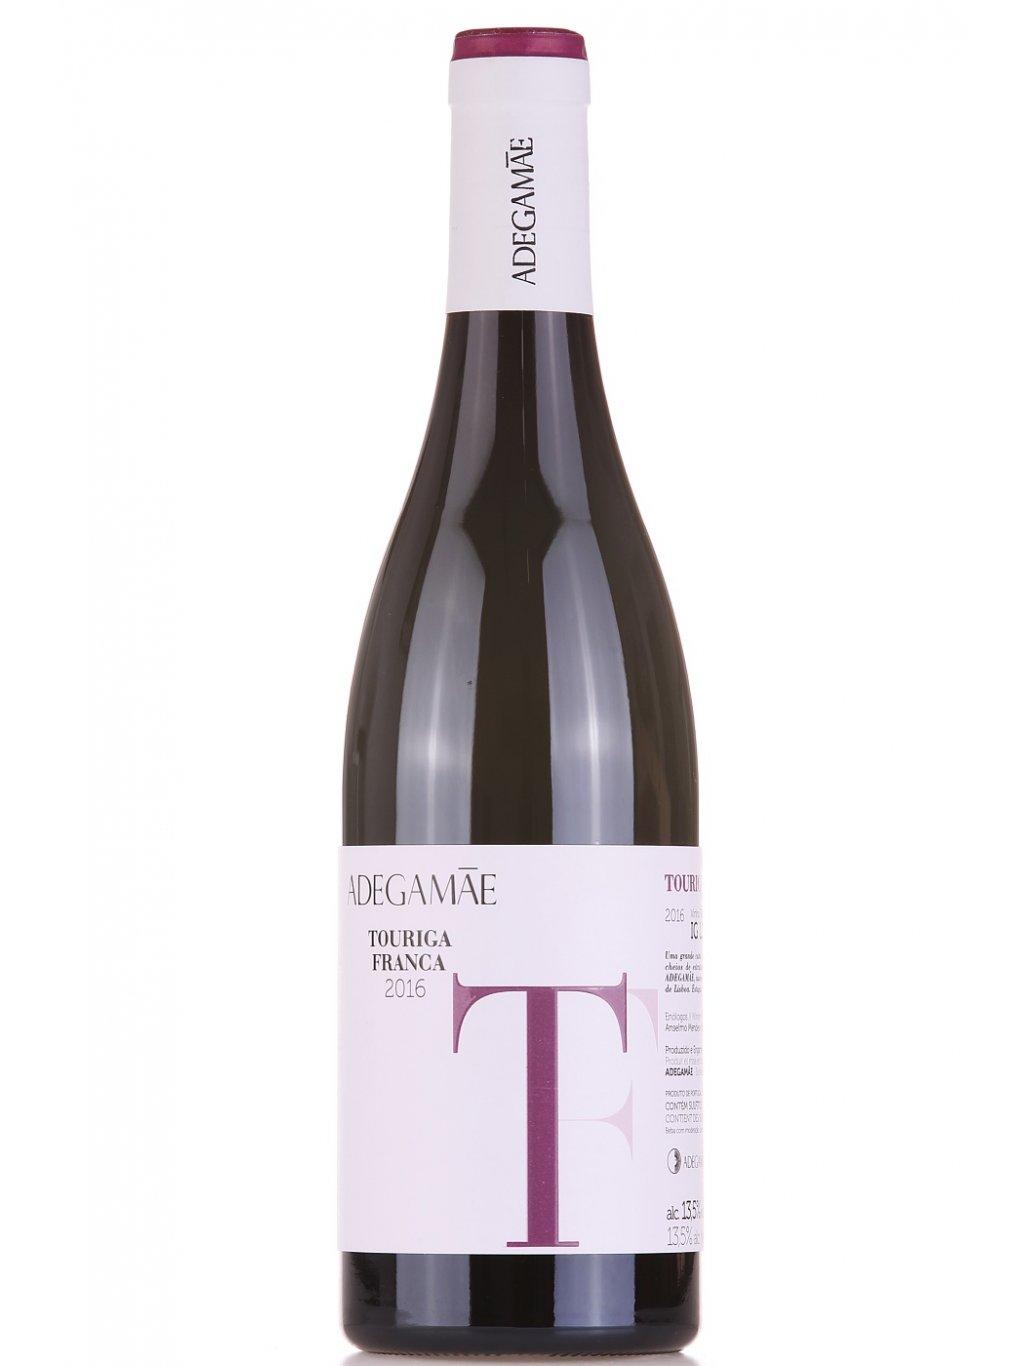 červené víno Tourgia Franca 2016